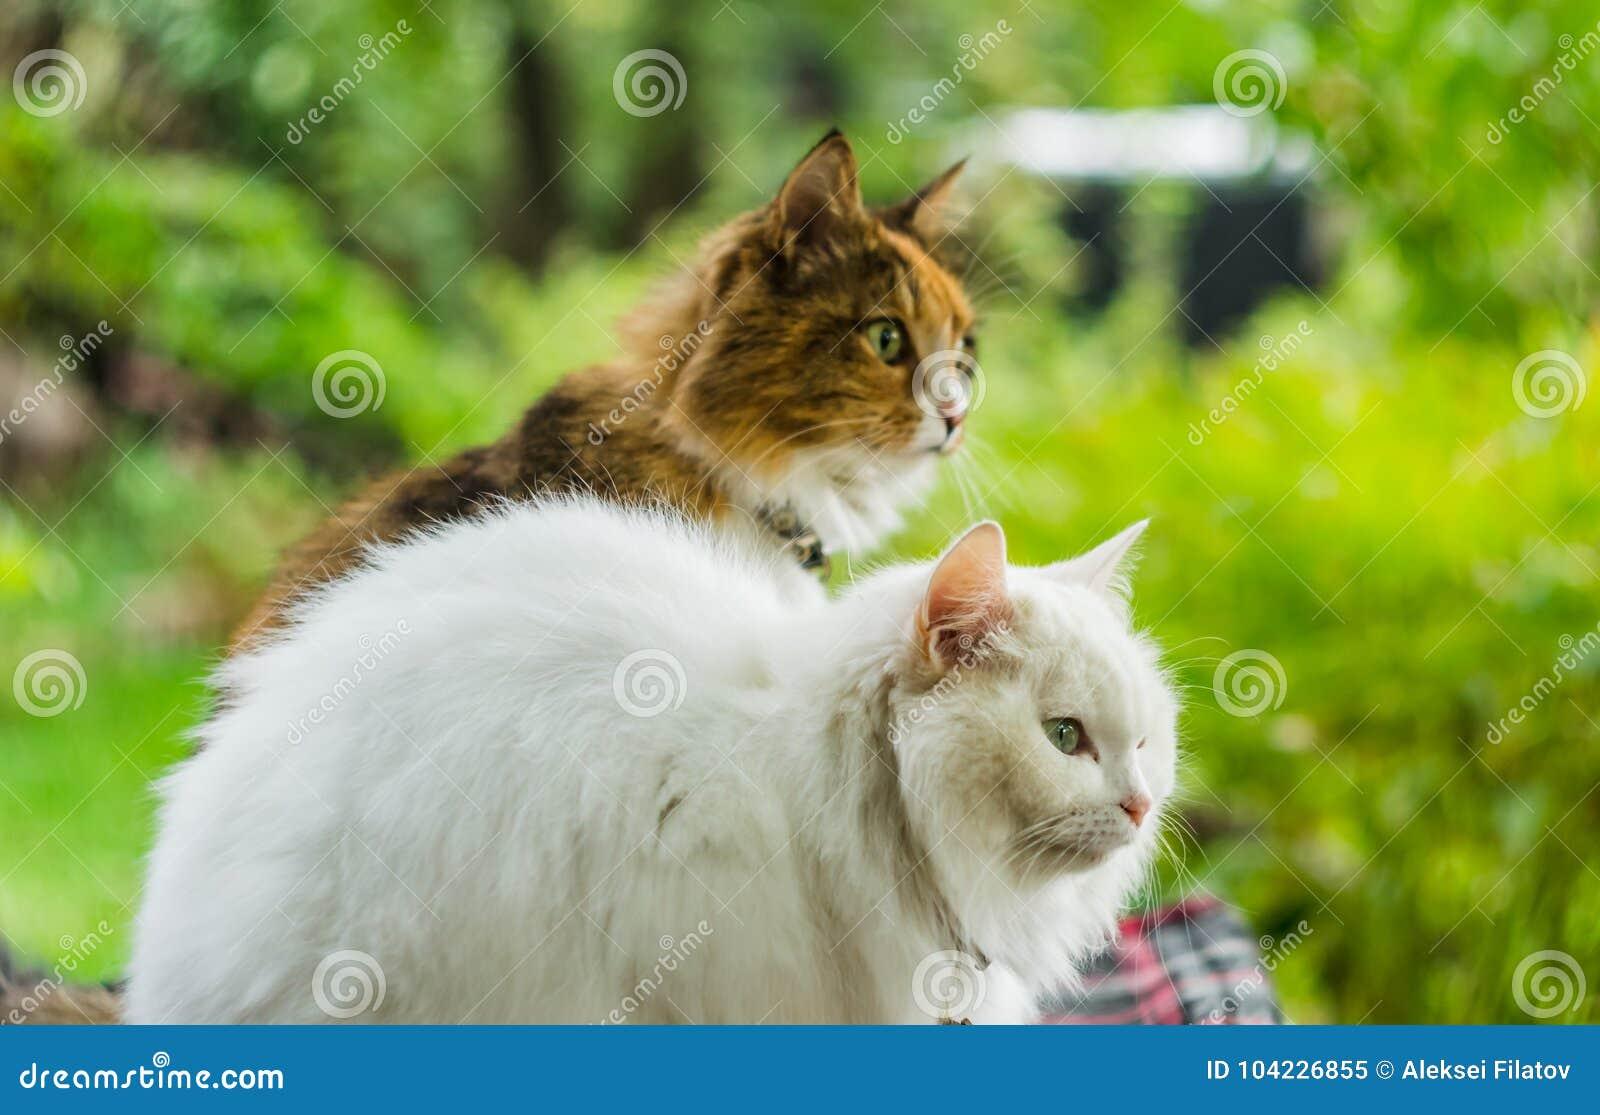 Due gatti bianco e colore